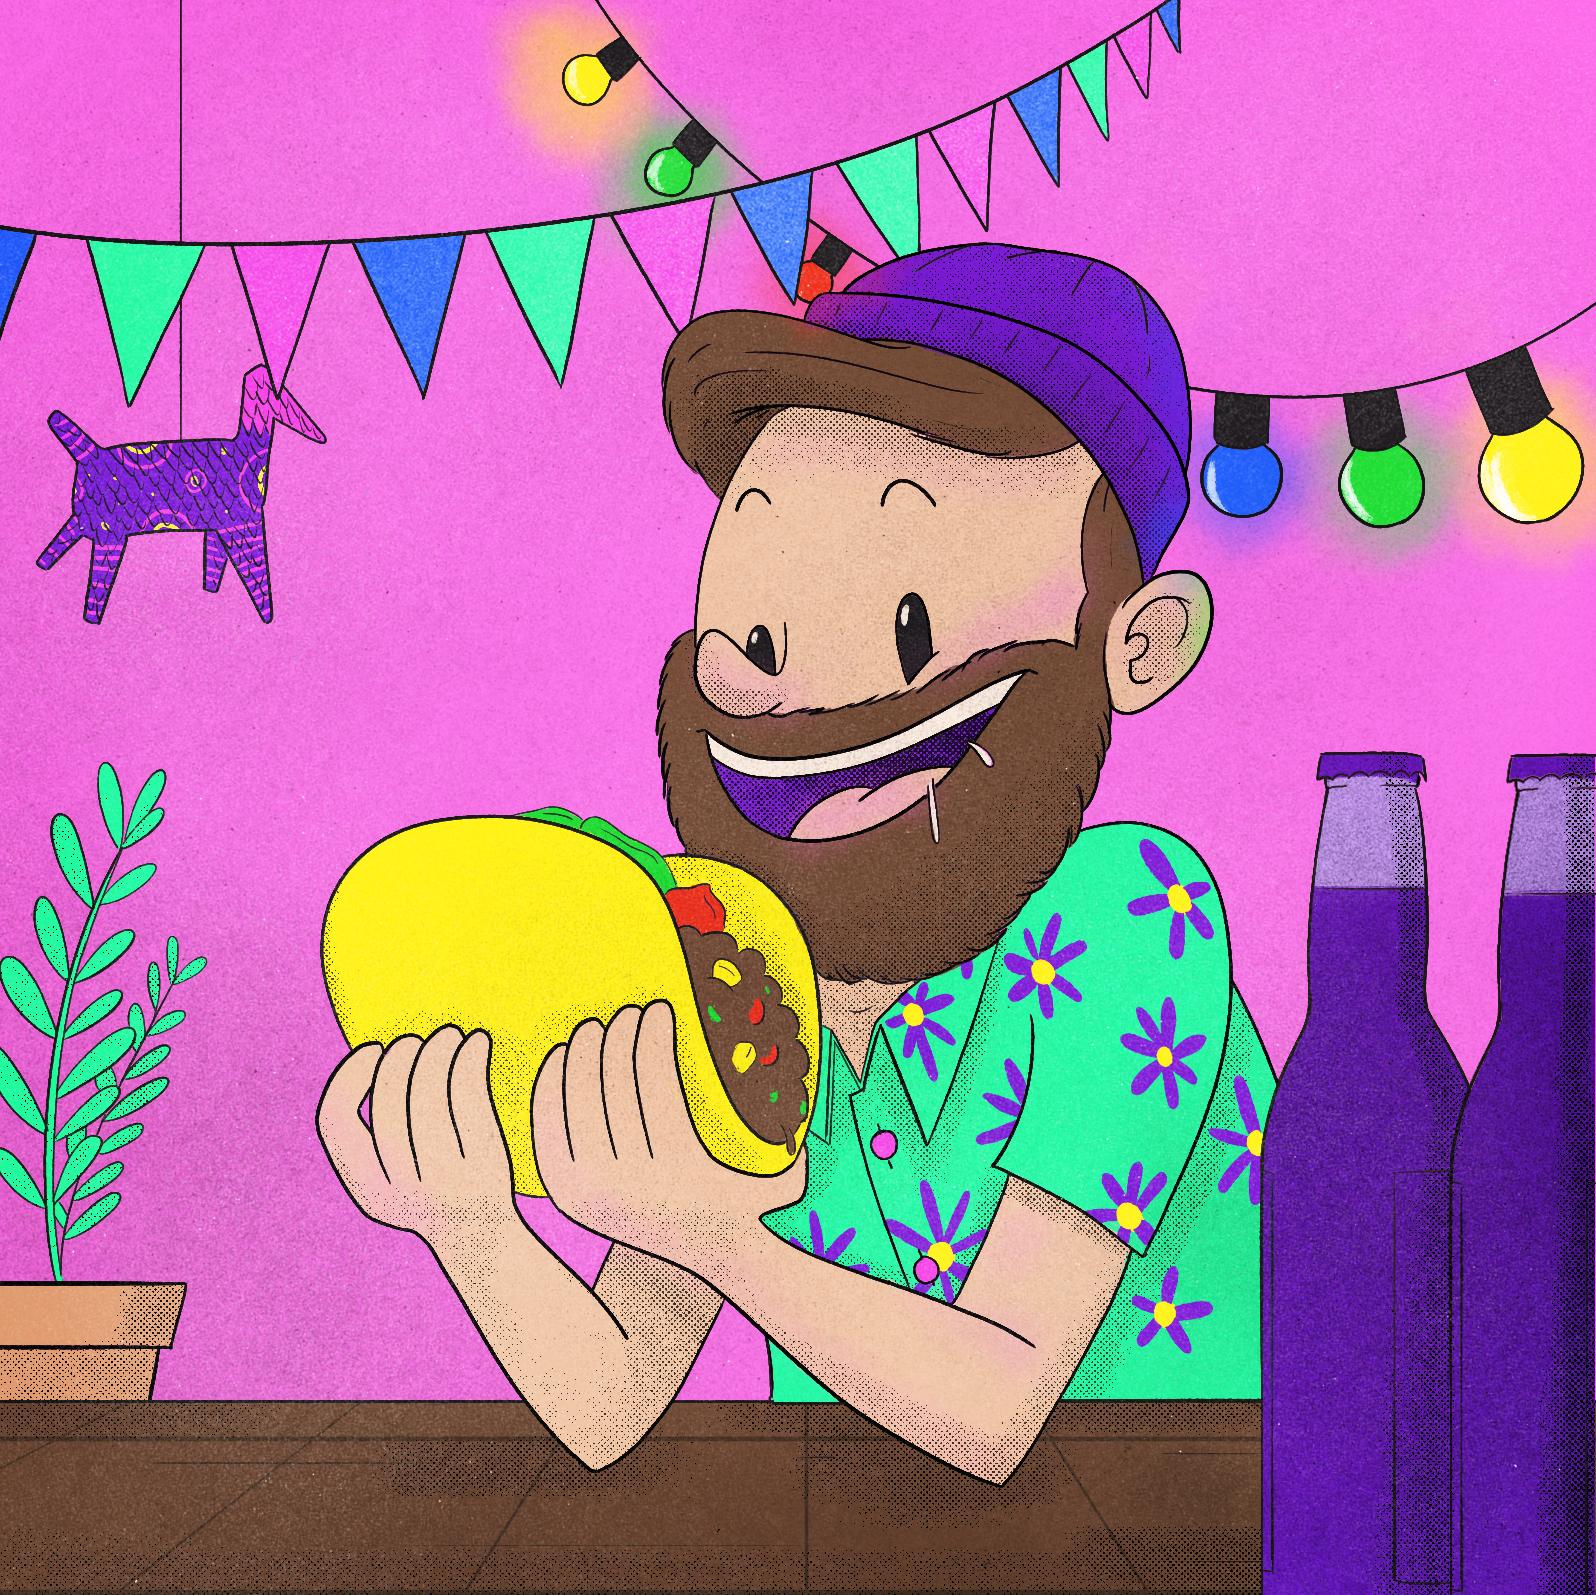 taco_night_illustration